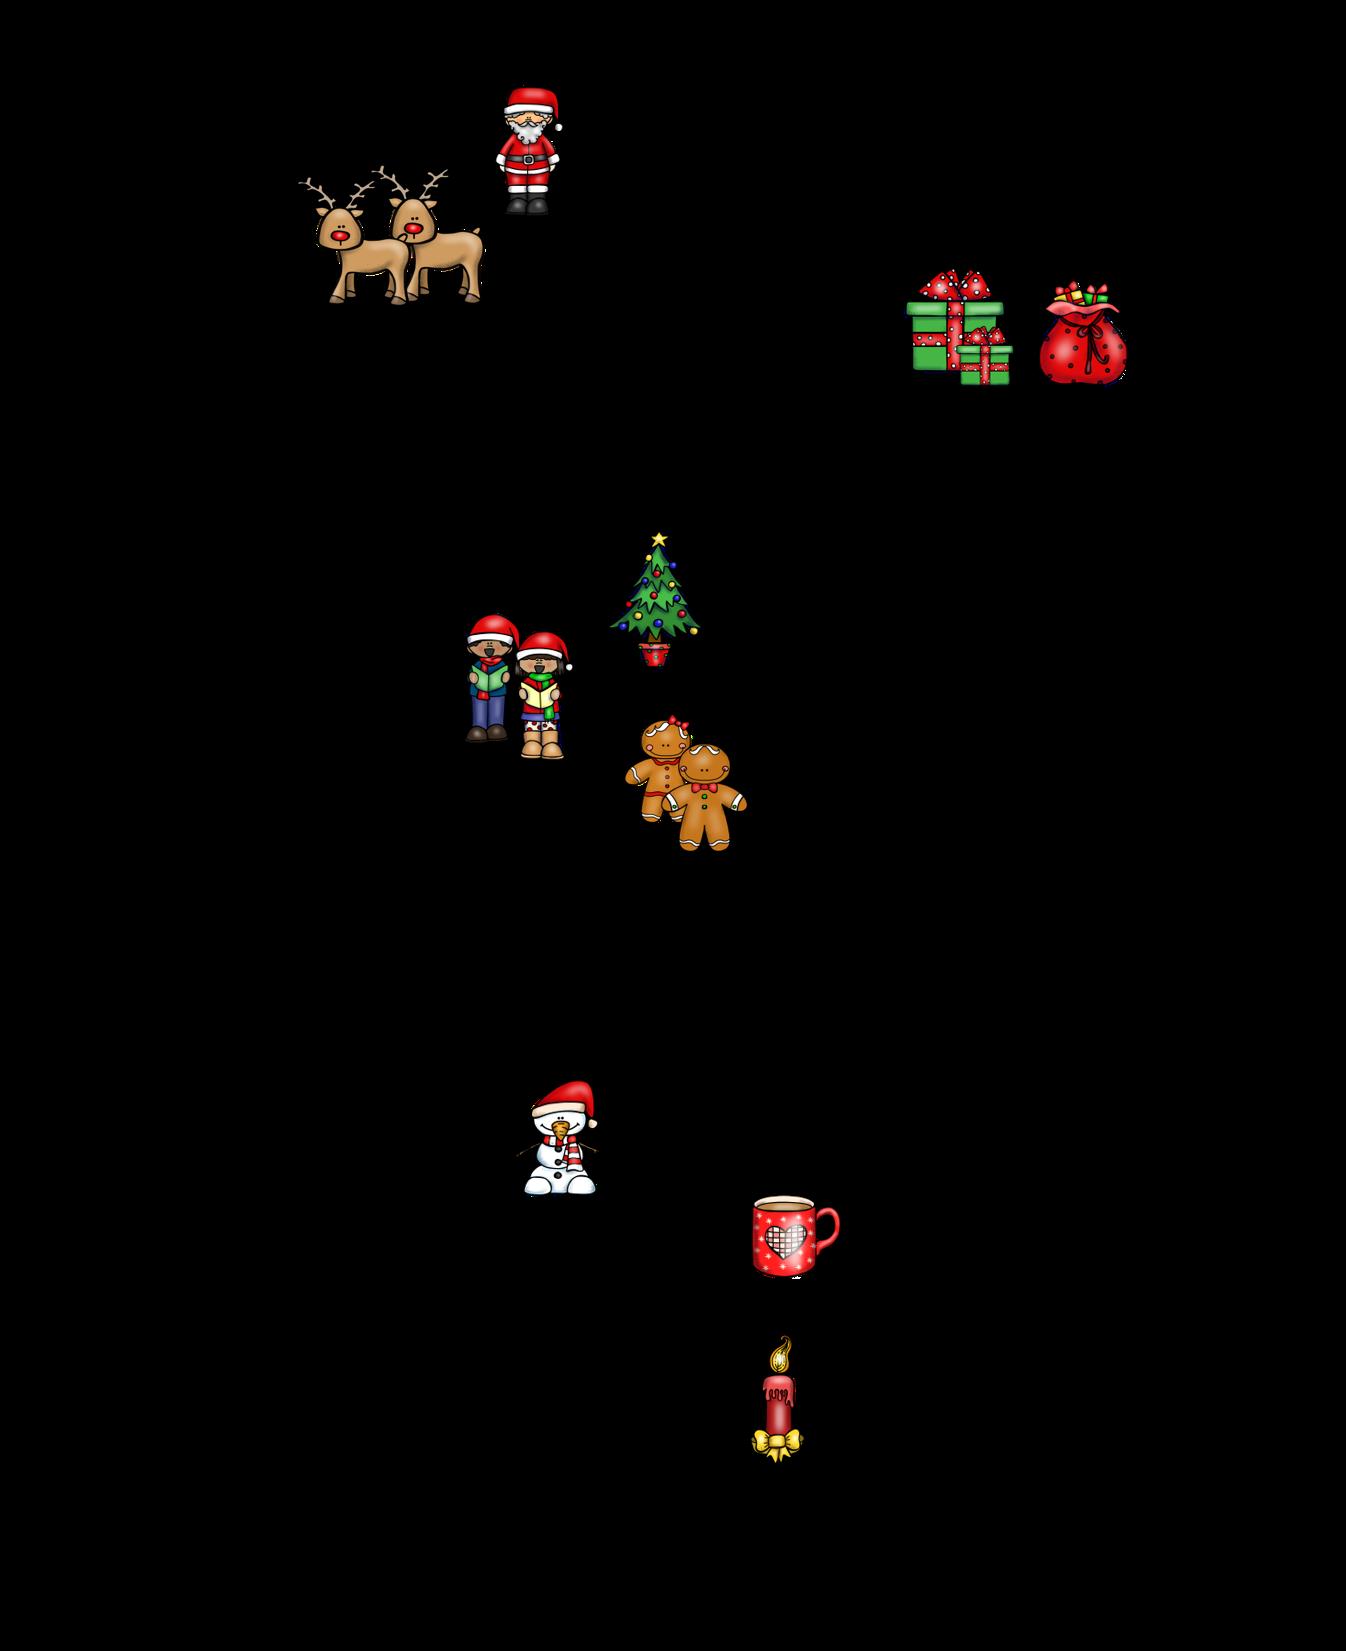 kleine weihnachts berraschung weihnachten spruch sch ne weihnachten w nschen sch ne weihnachten